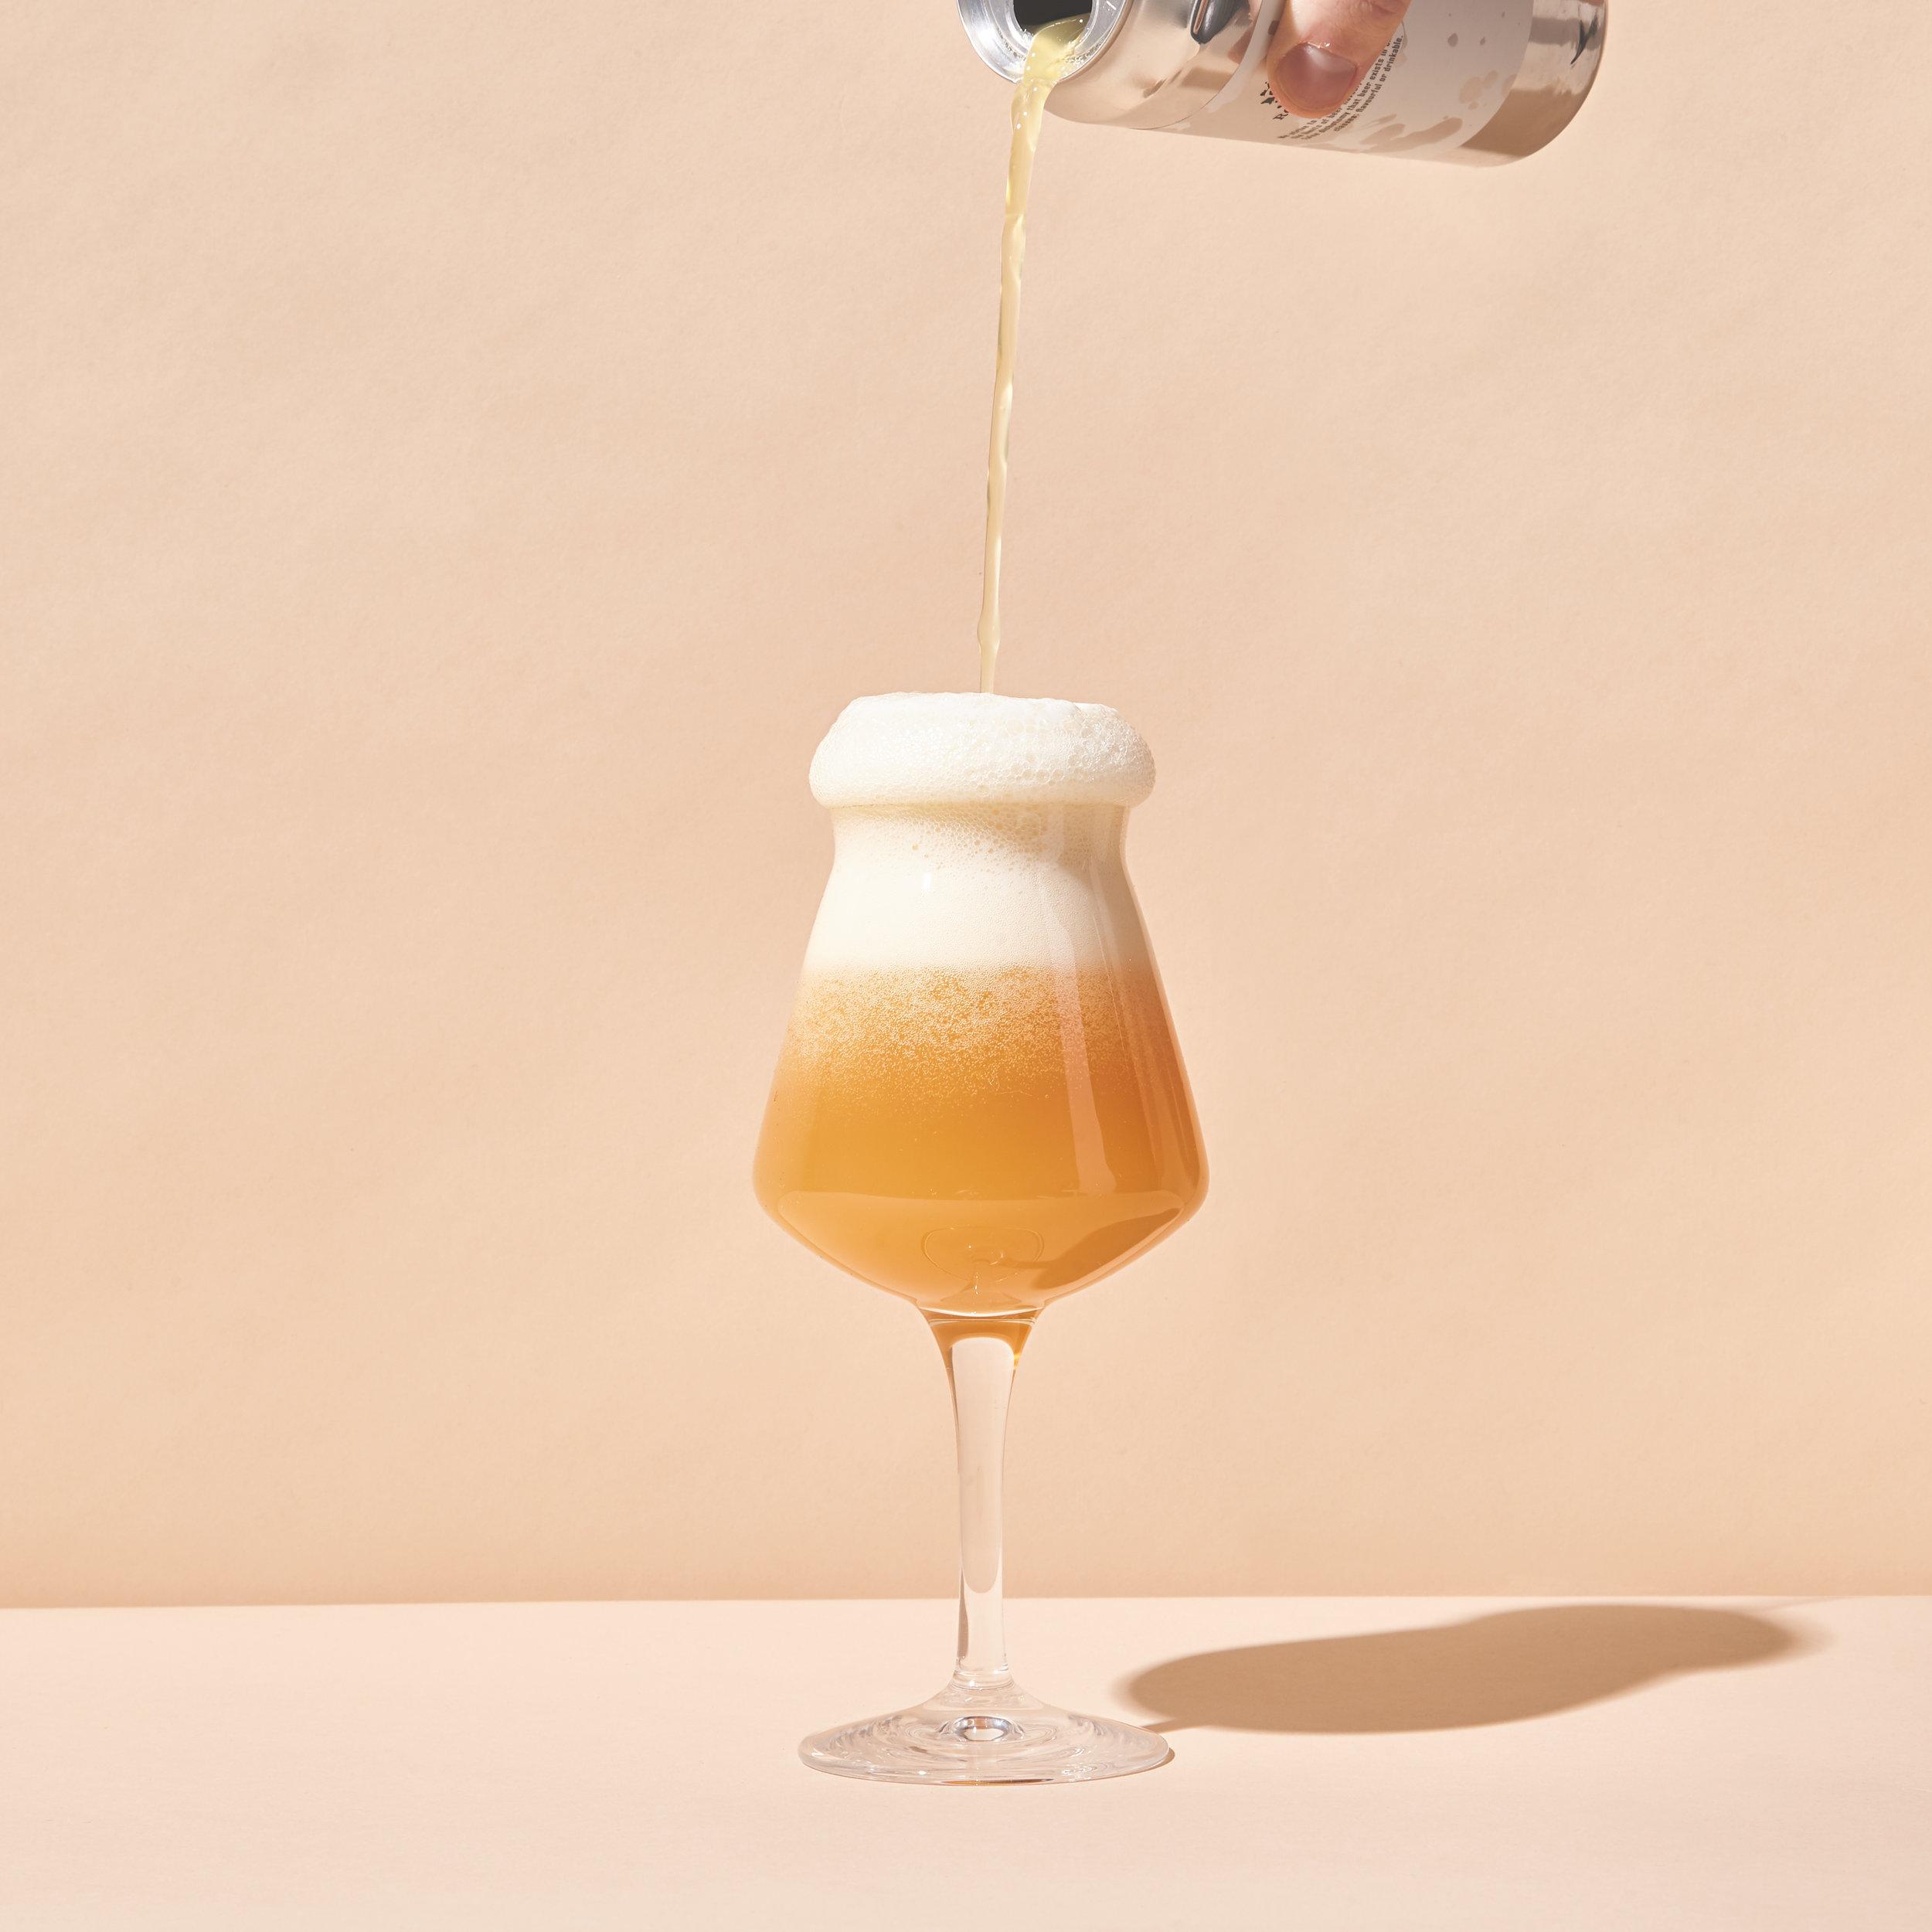 Beer0214.jpg